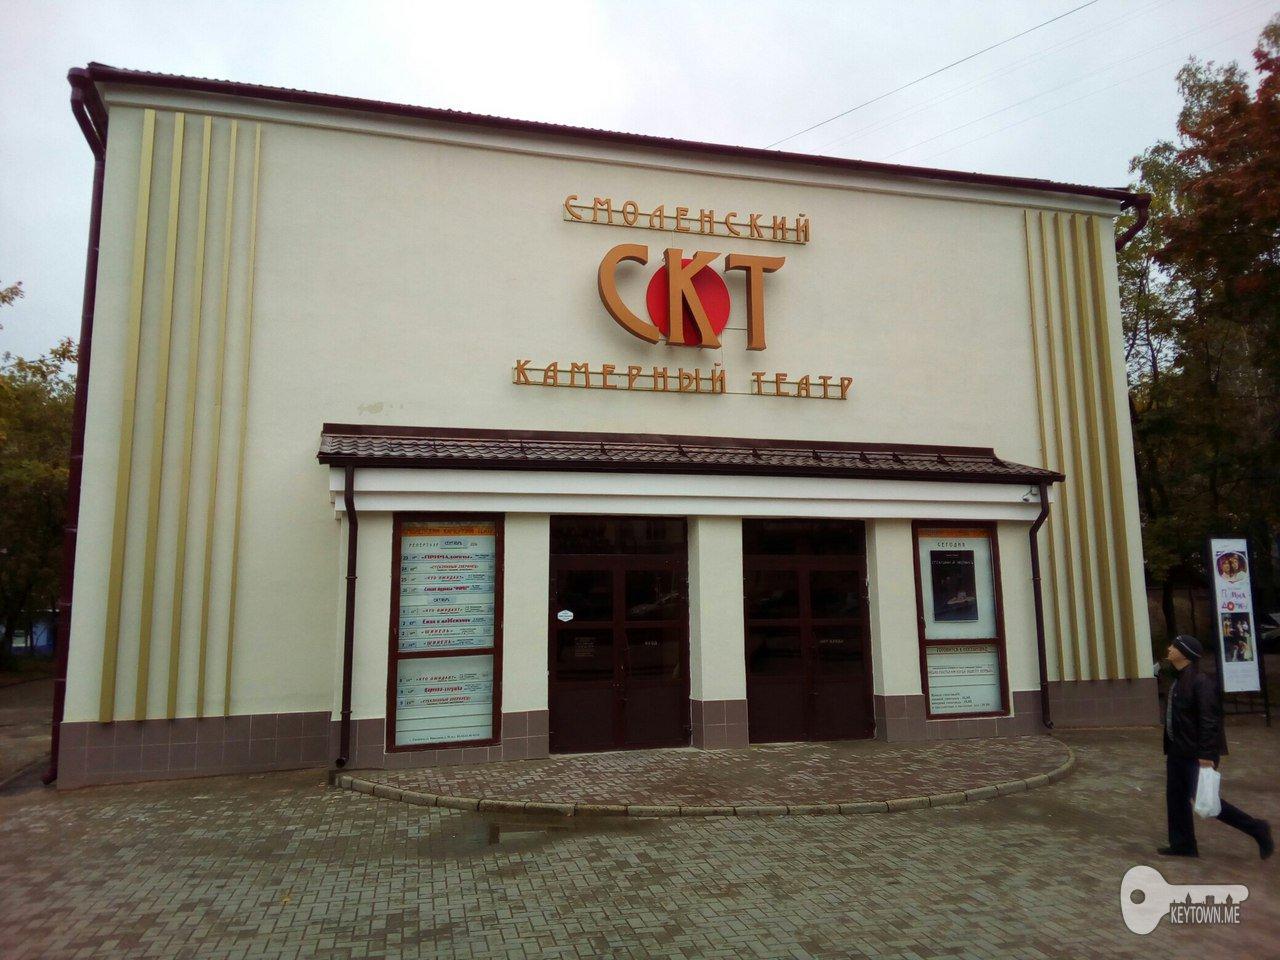 Камерный театр Смоленск